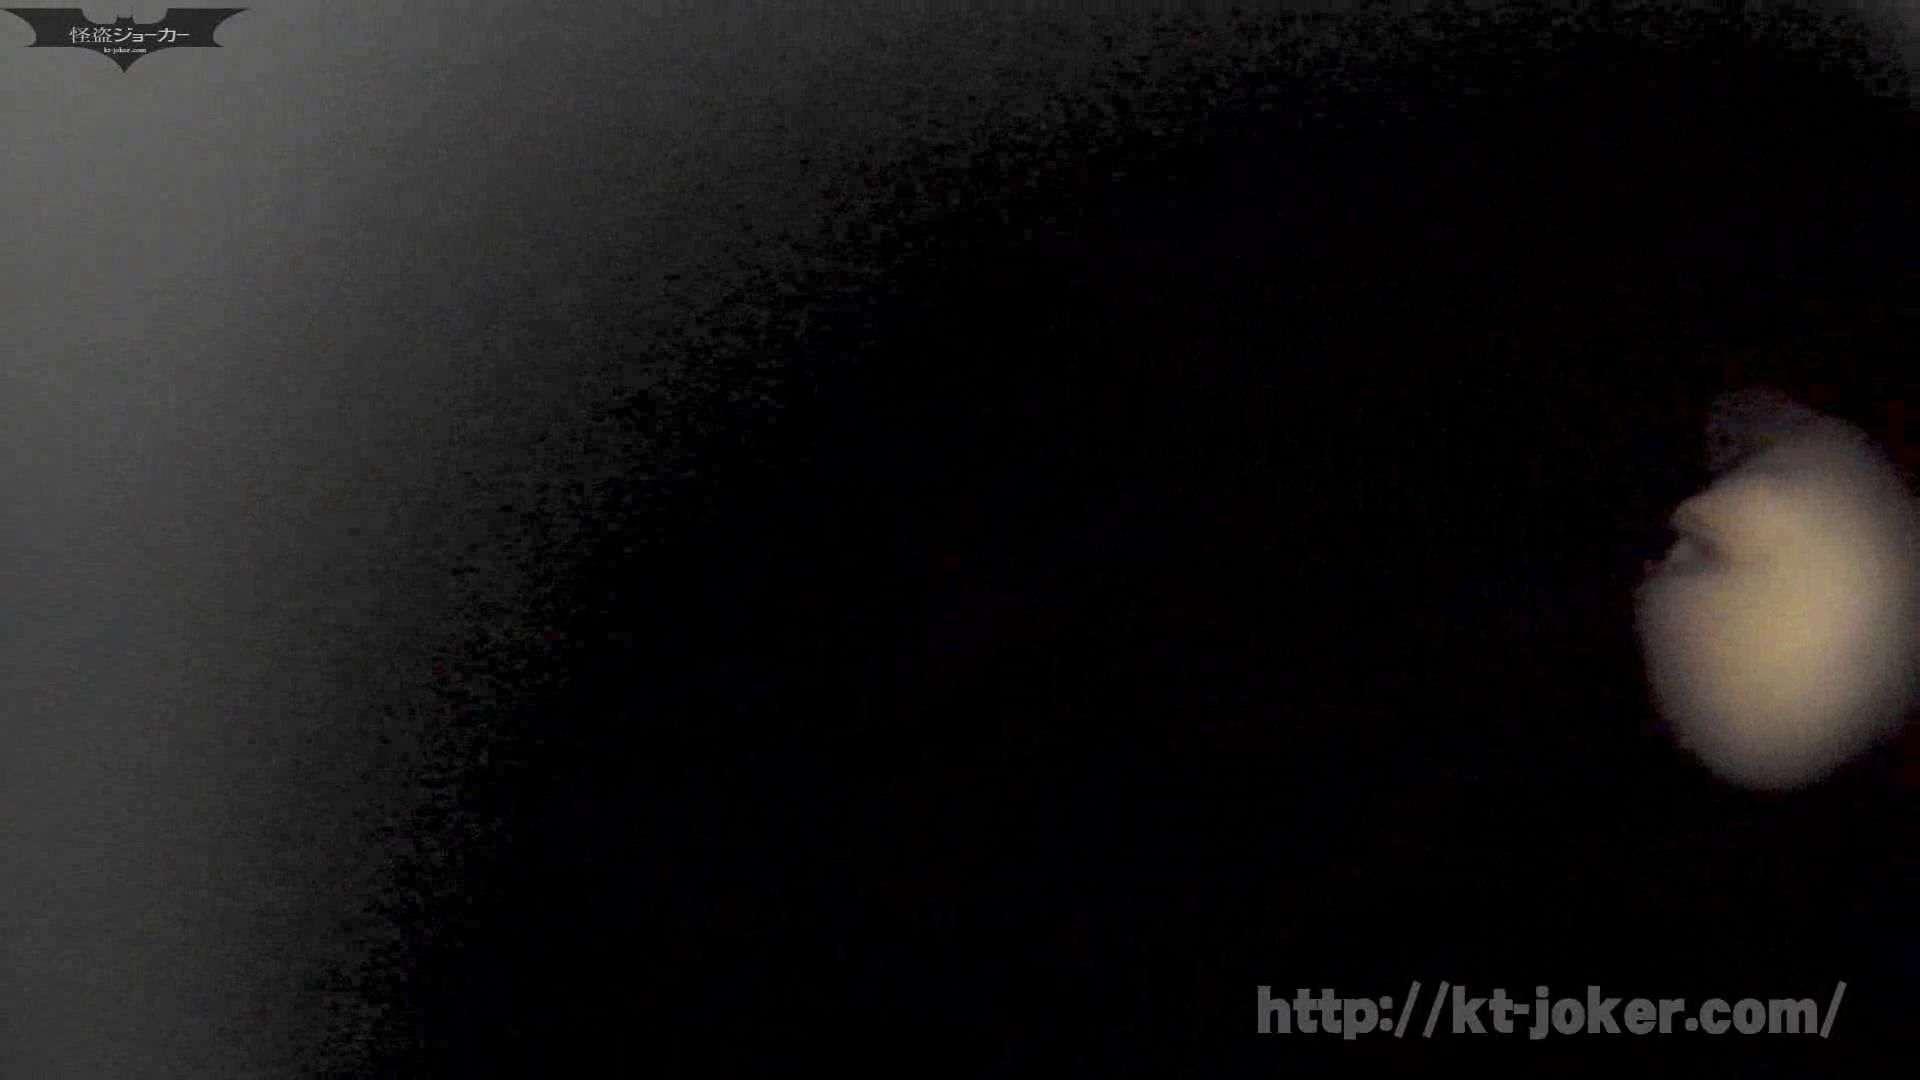 命がけ潜伏洗面所! vol.58 さらなる無謀な挑戦、新アングル、壁に穴を開ける 洗面所   プライベート  72PICs 58